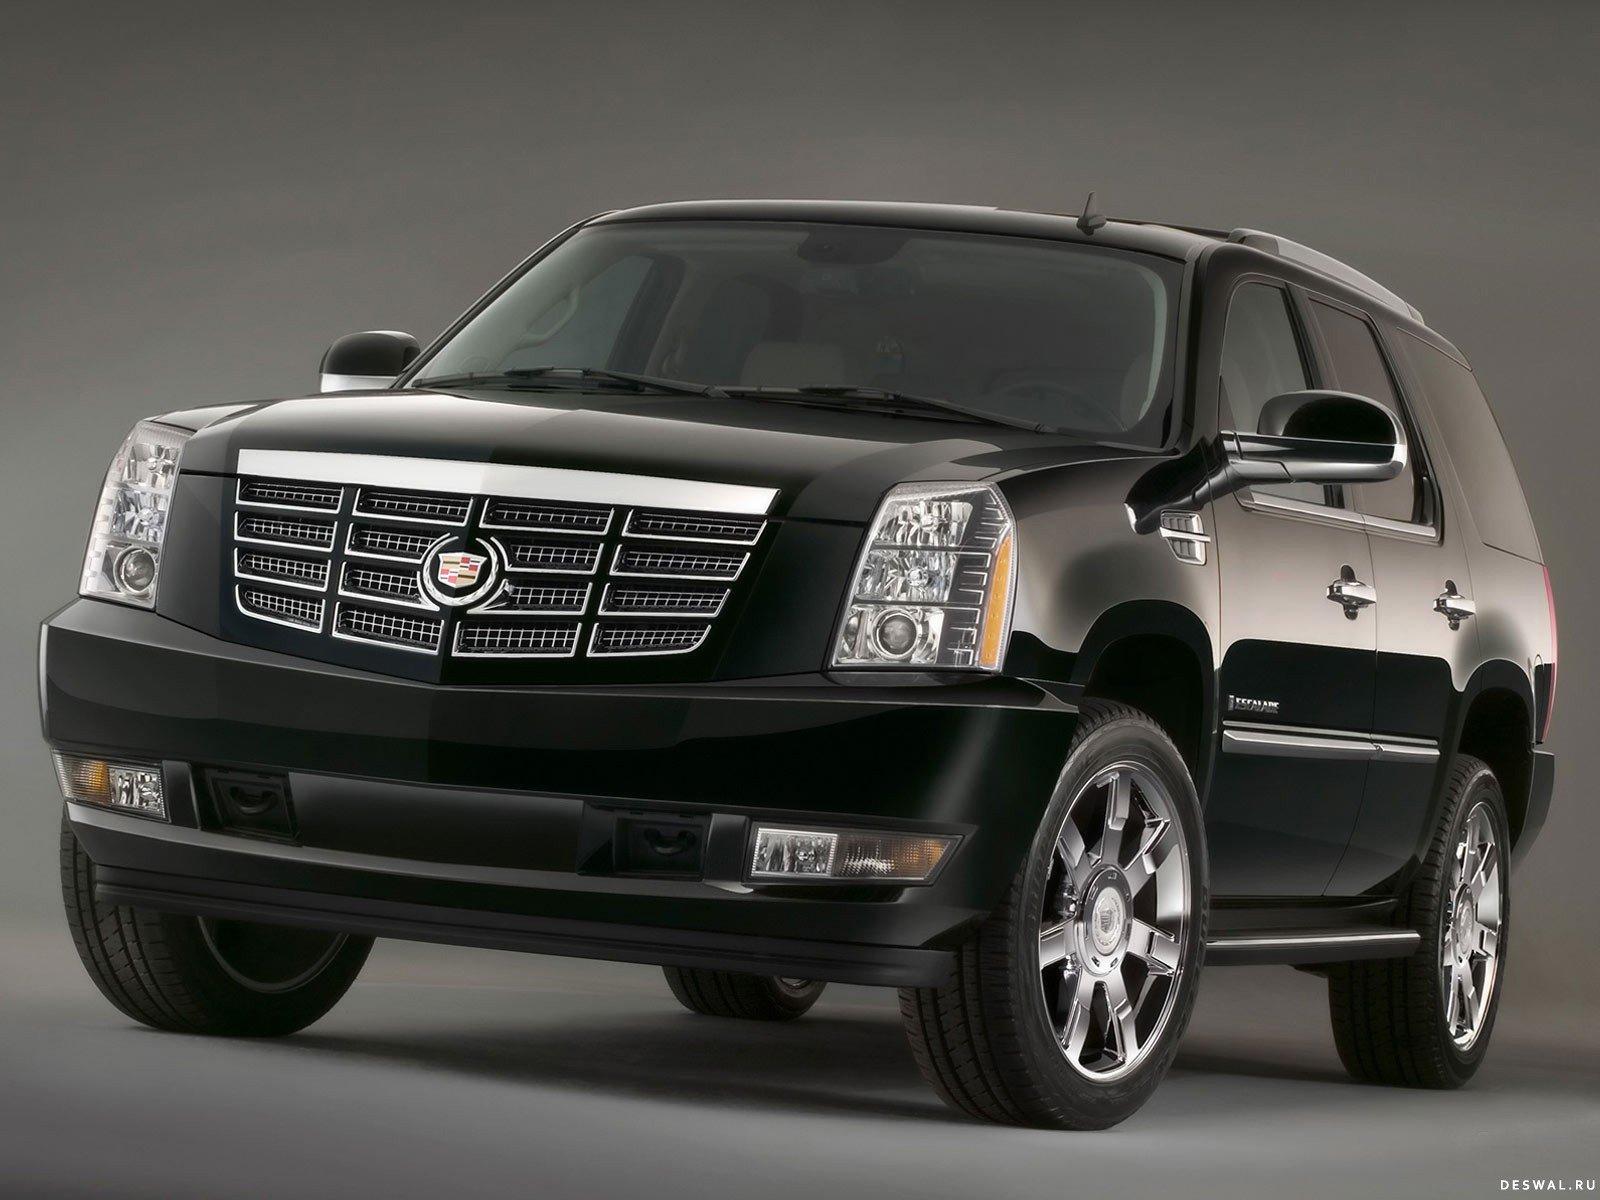 Cadillac на прекрасной фотографии, Нажмите на картинку с обоями автомобиля cadillac, чтобы просмотреть ее в реальном размере